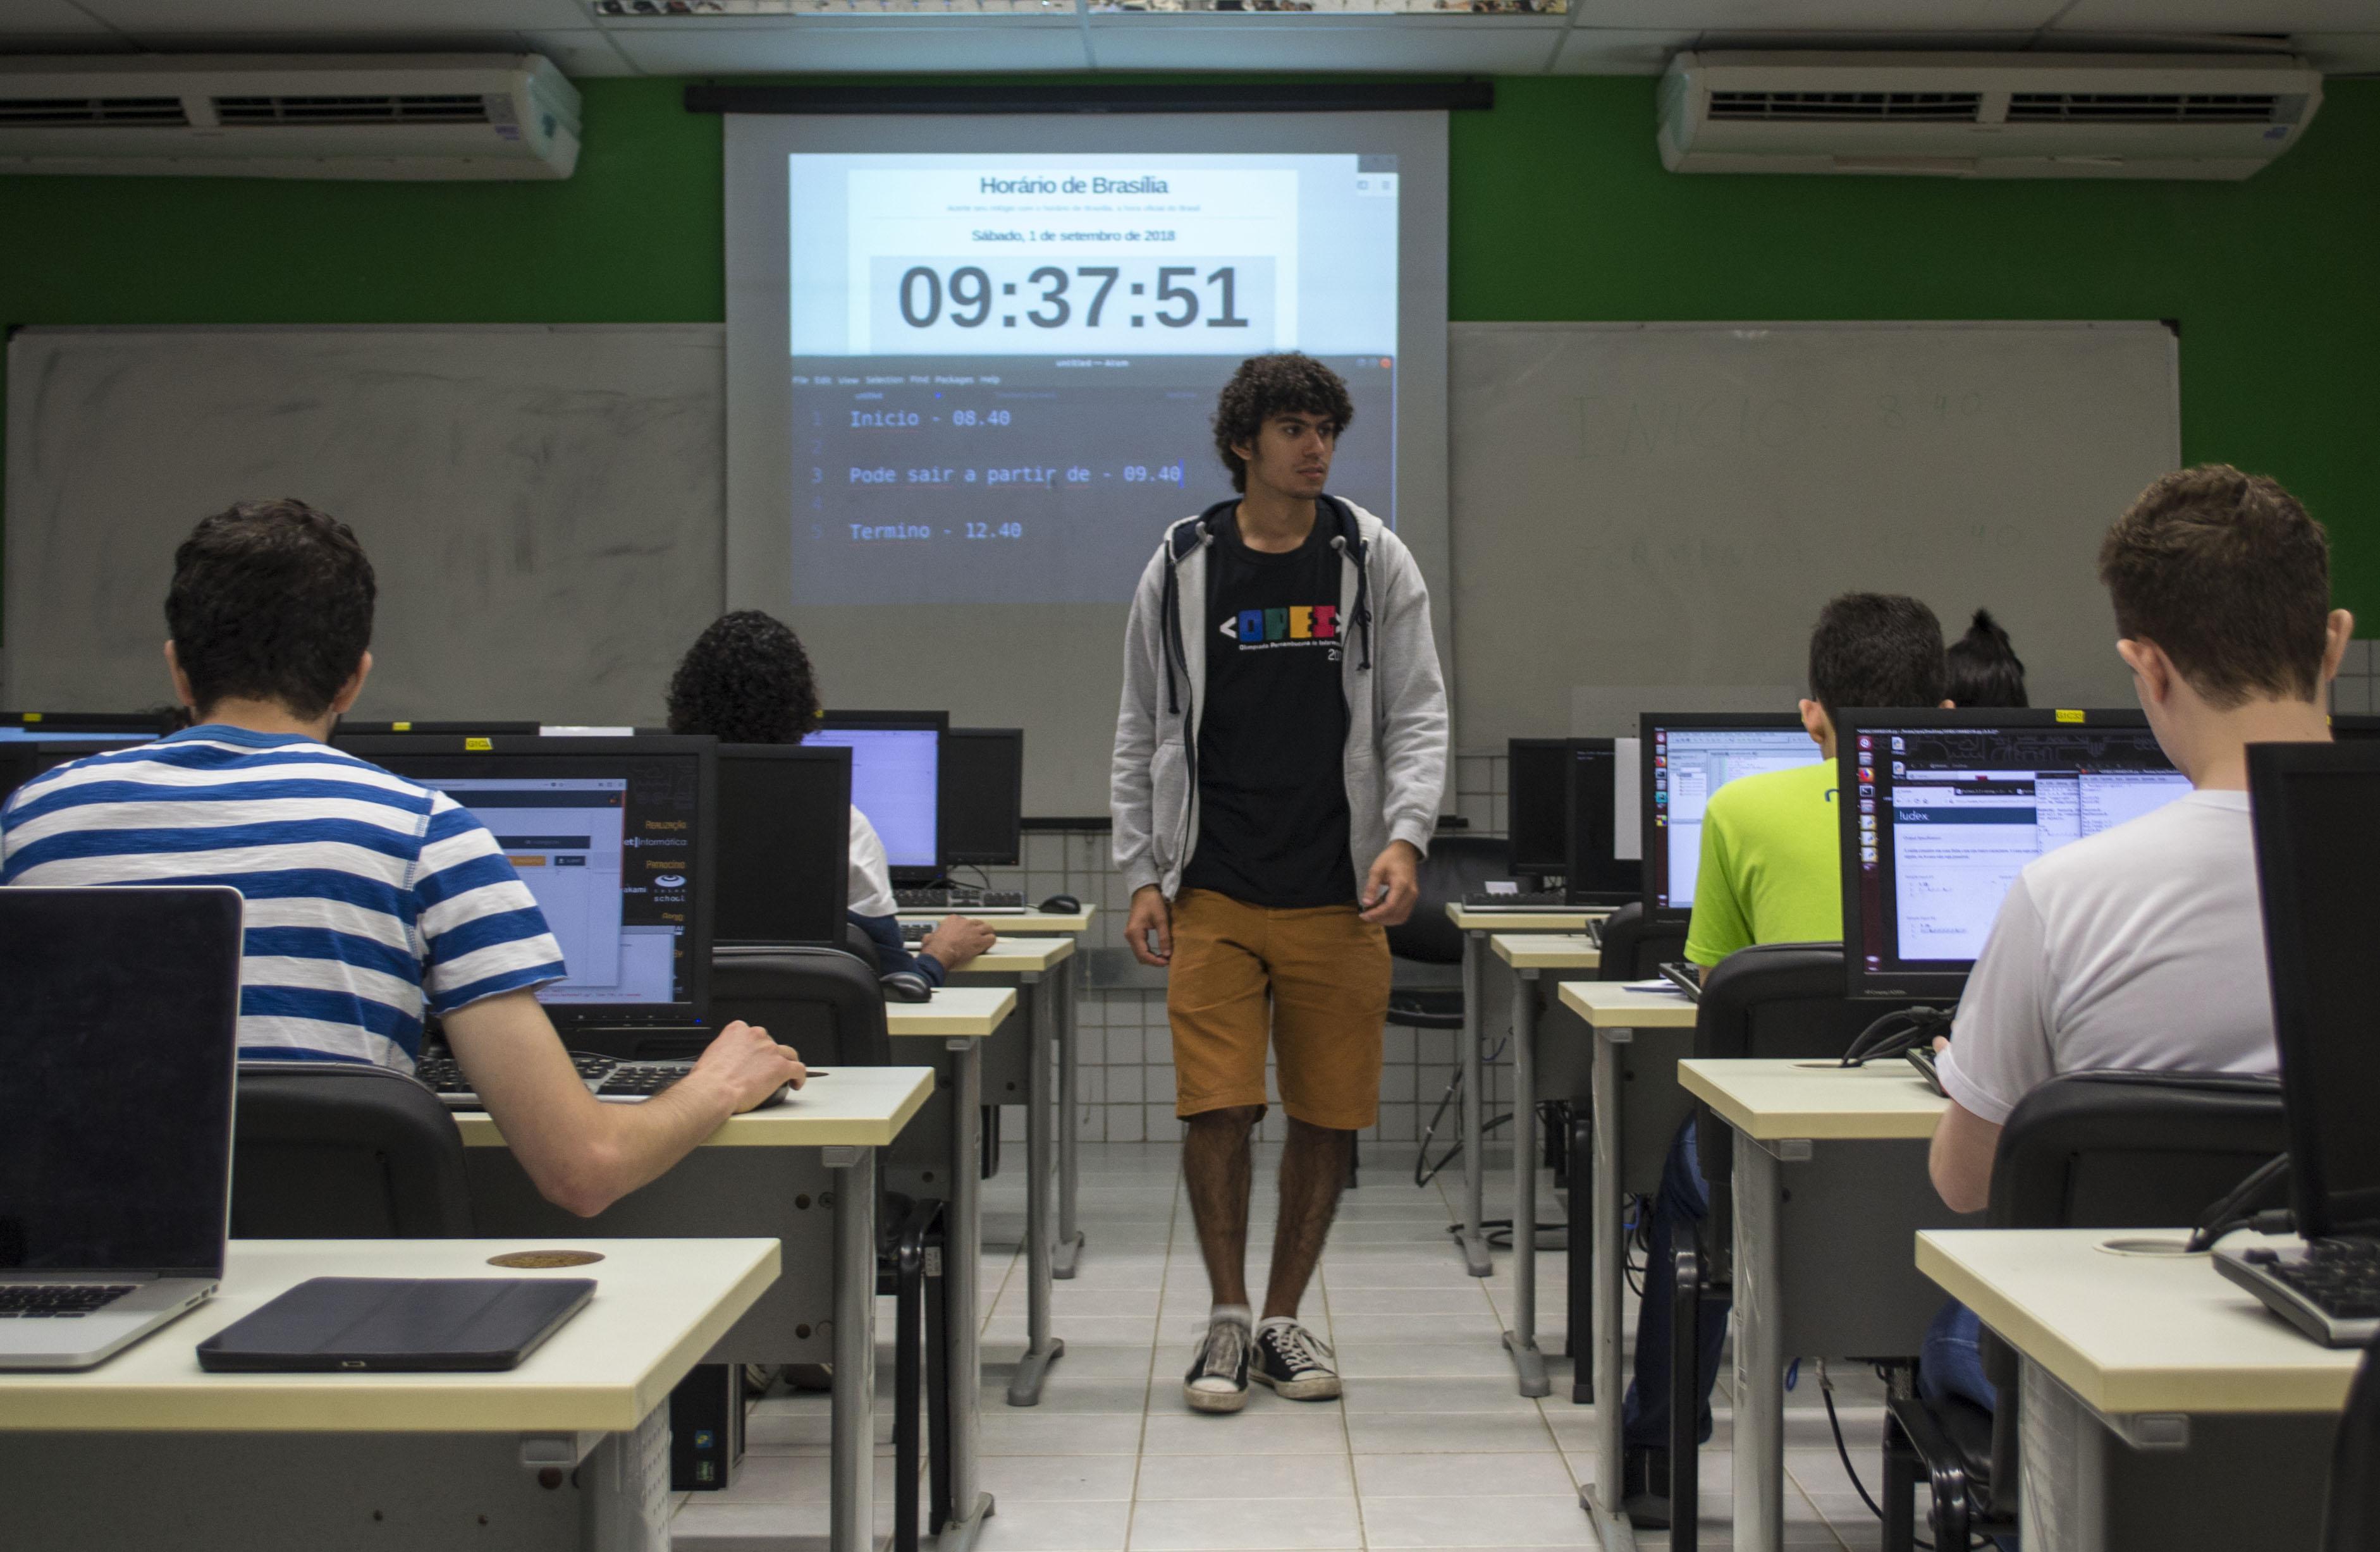 Sala com estudantes realizando a avaliação prática da OPEI em computadores. Ao centro, uma pessoa da equipe de voluntários da OPEI. Ao fundo, um relógio digital projetado no quadro da sala.